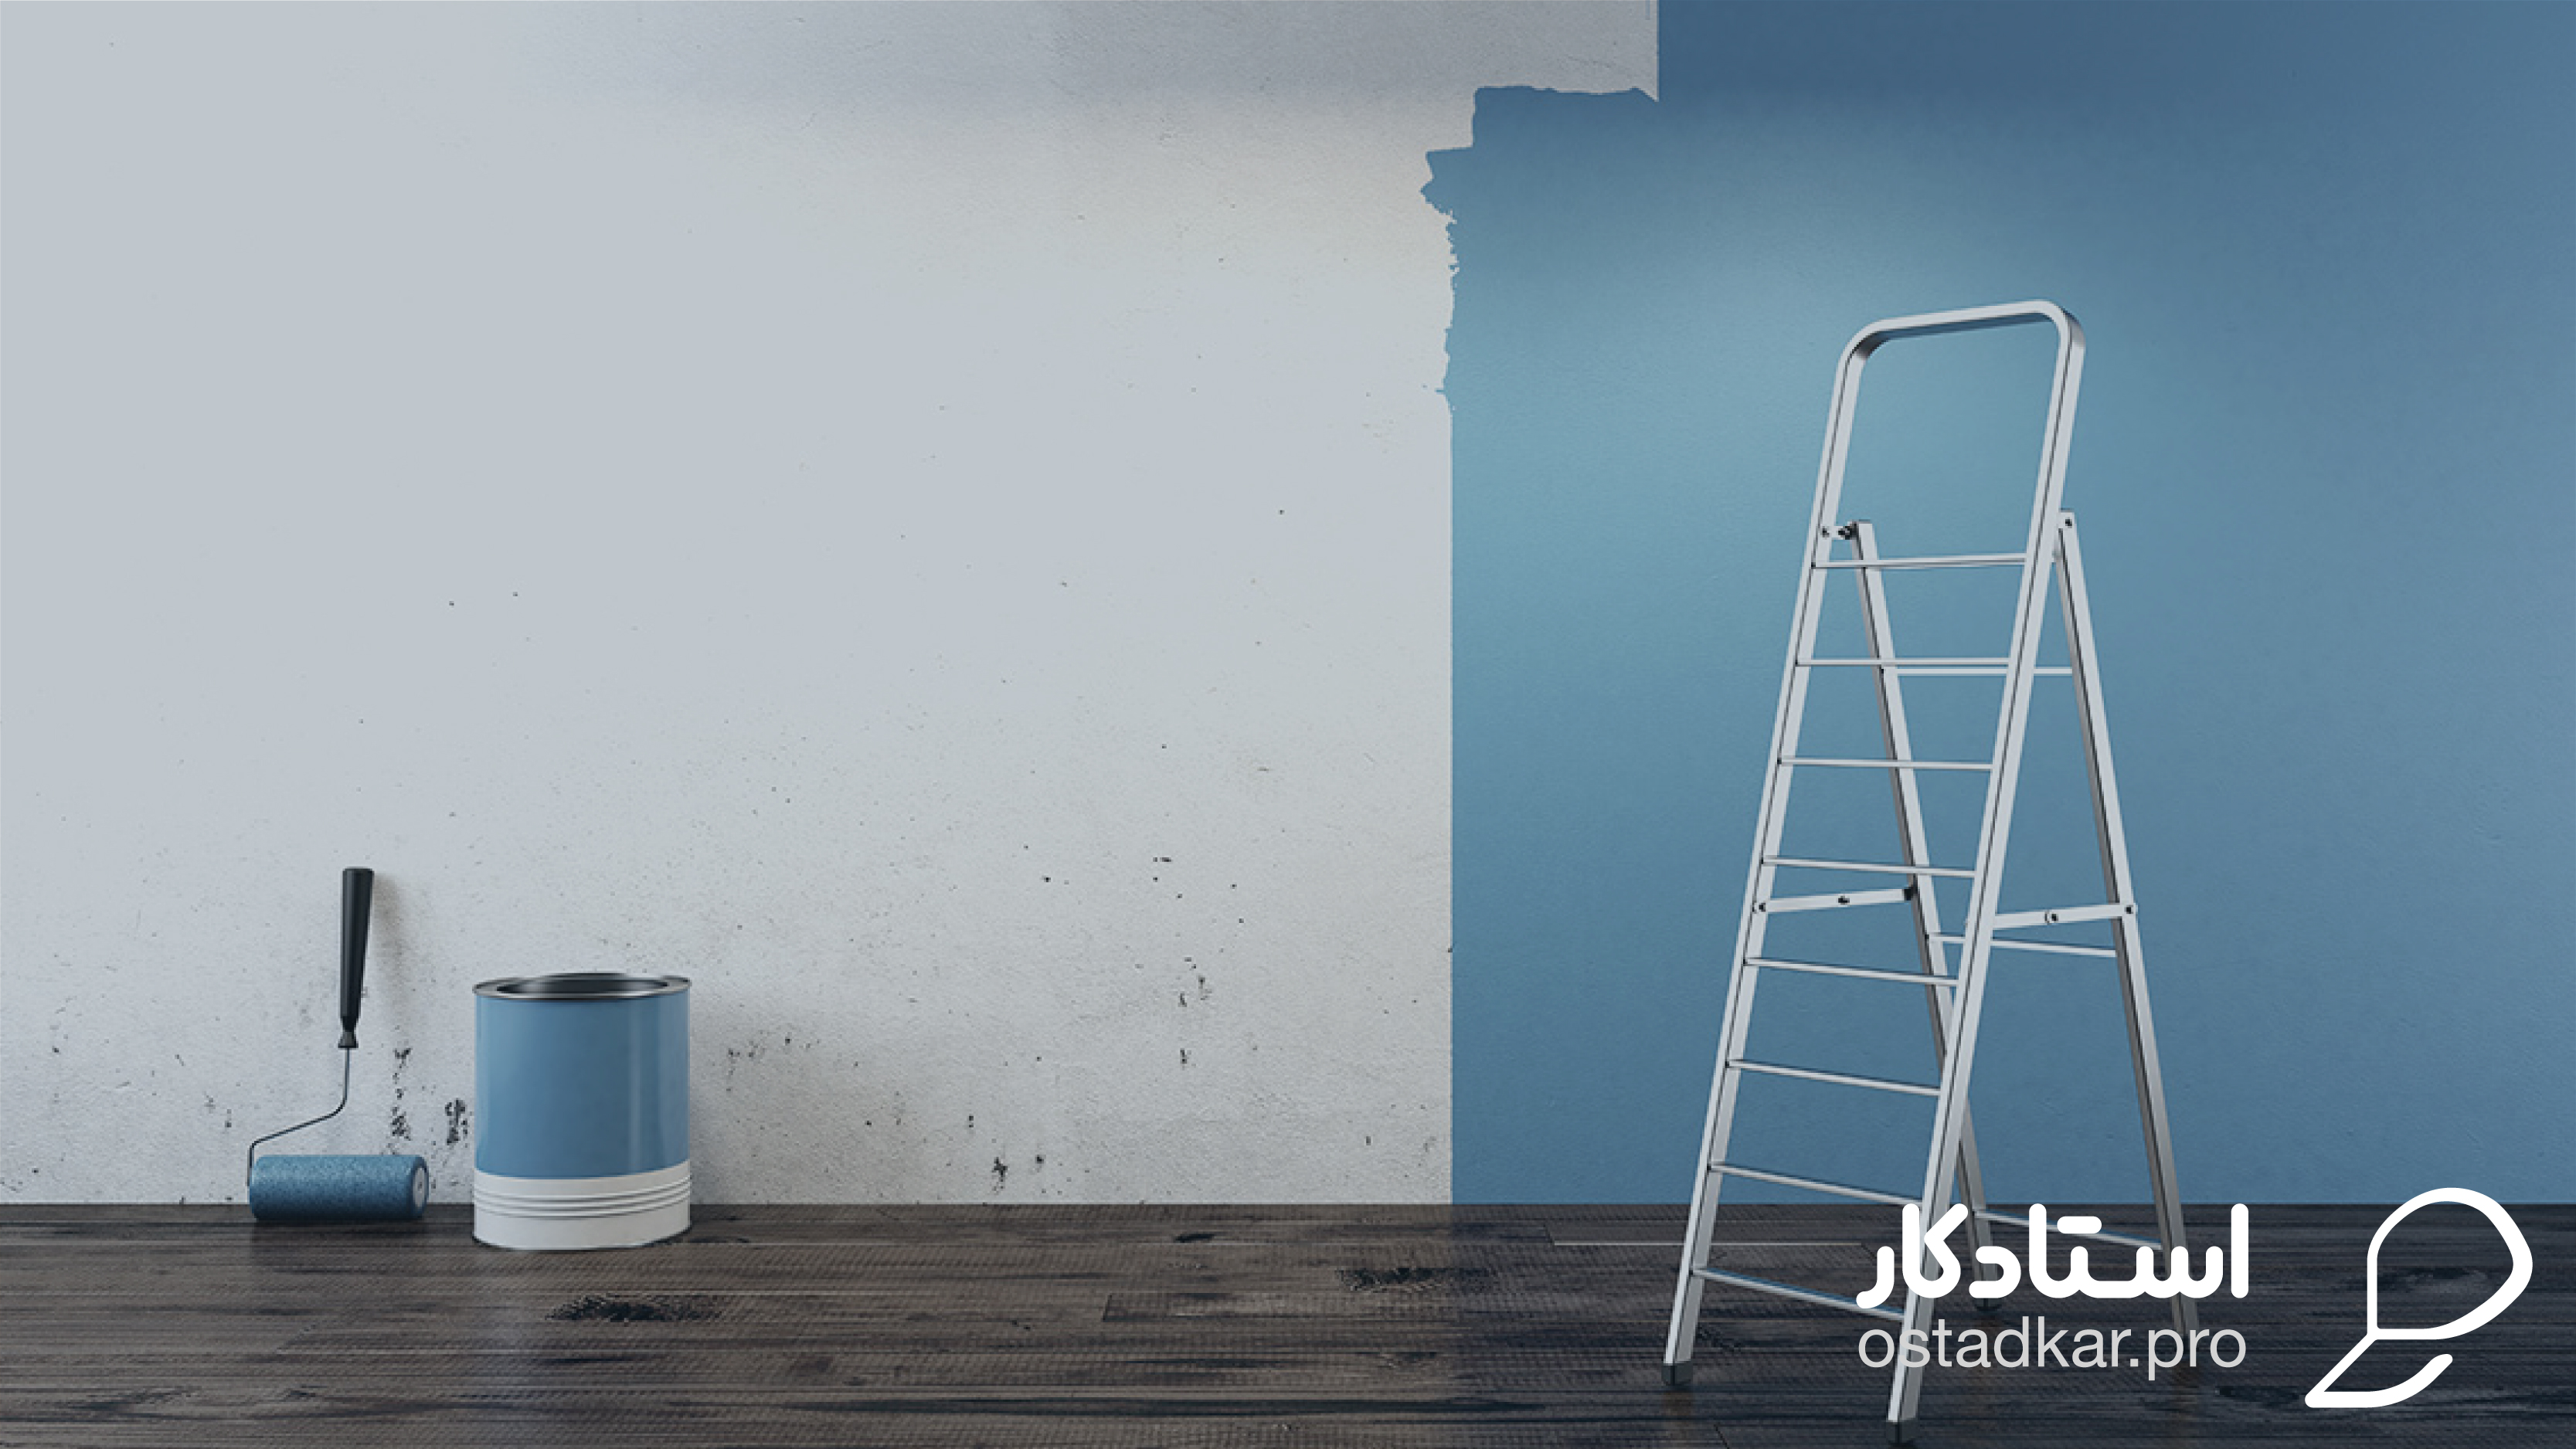 چطوری ساختمان رو بدون کثیف کاری نقاشی کنیم؟